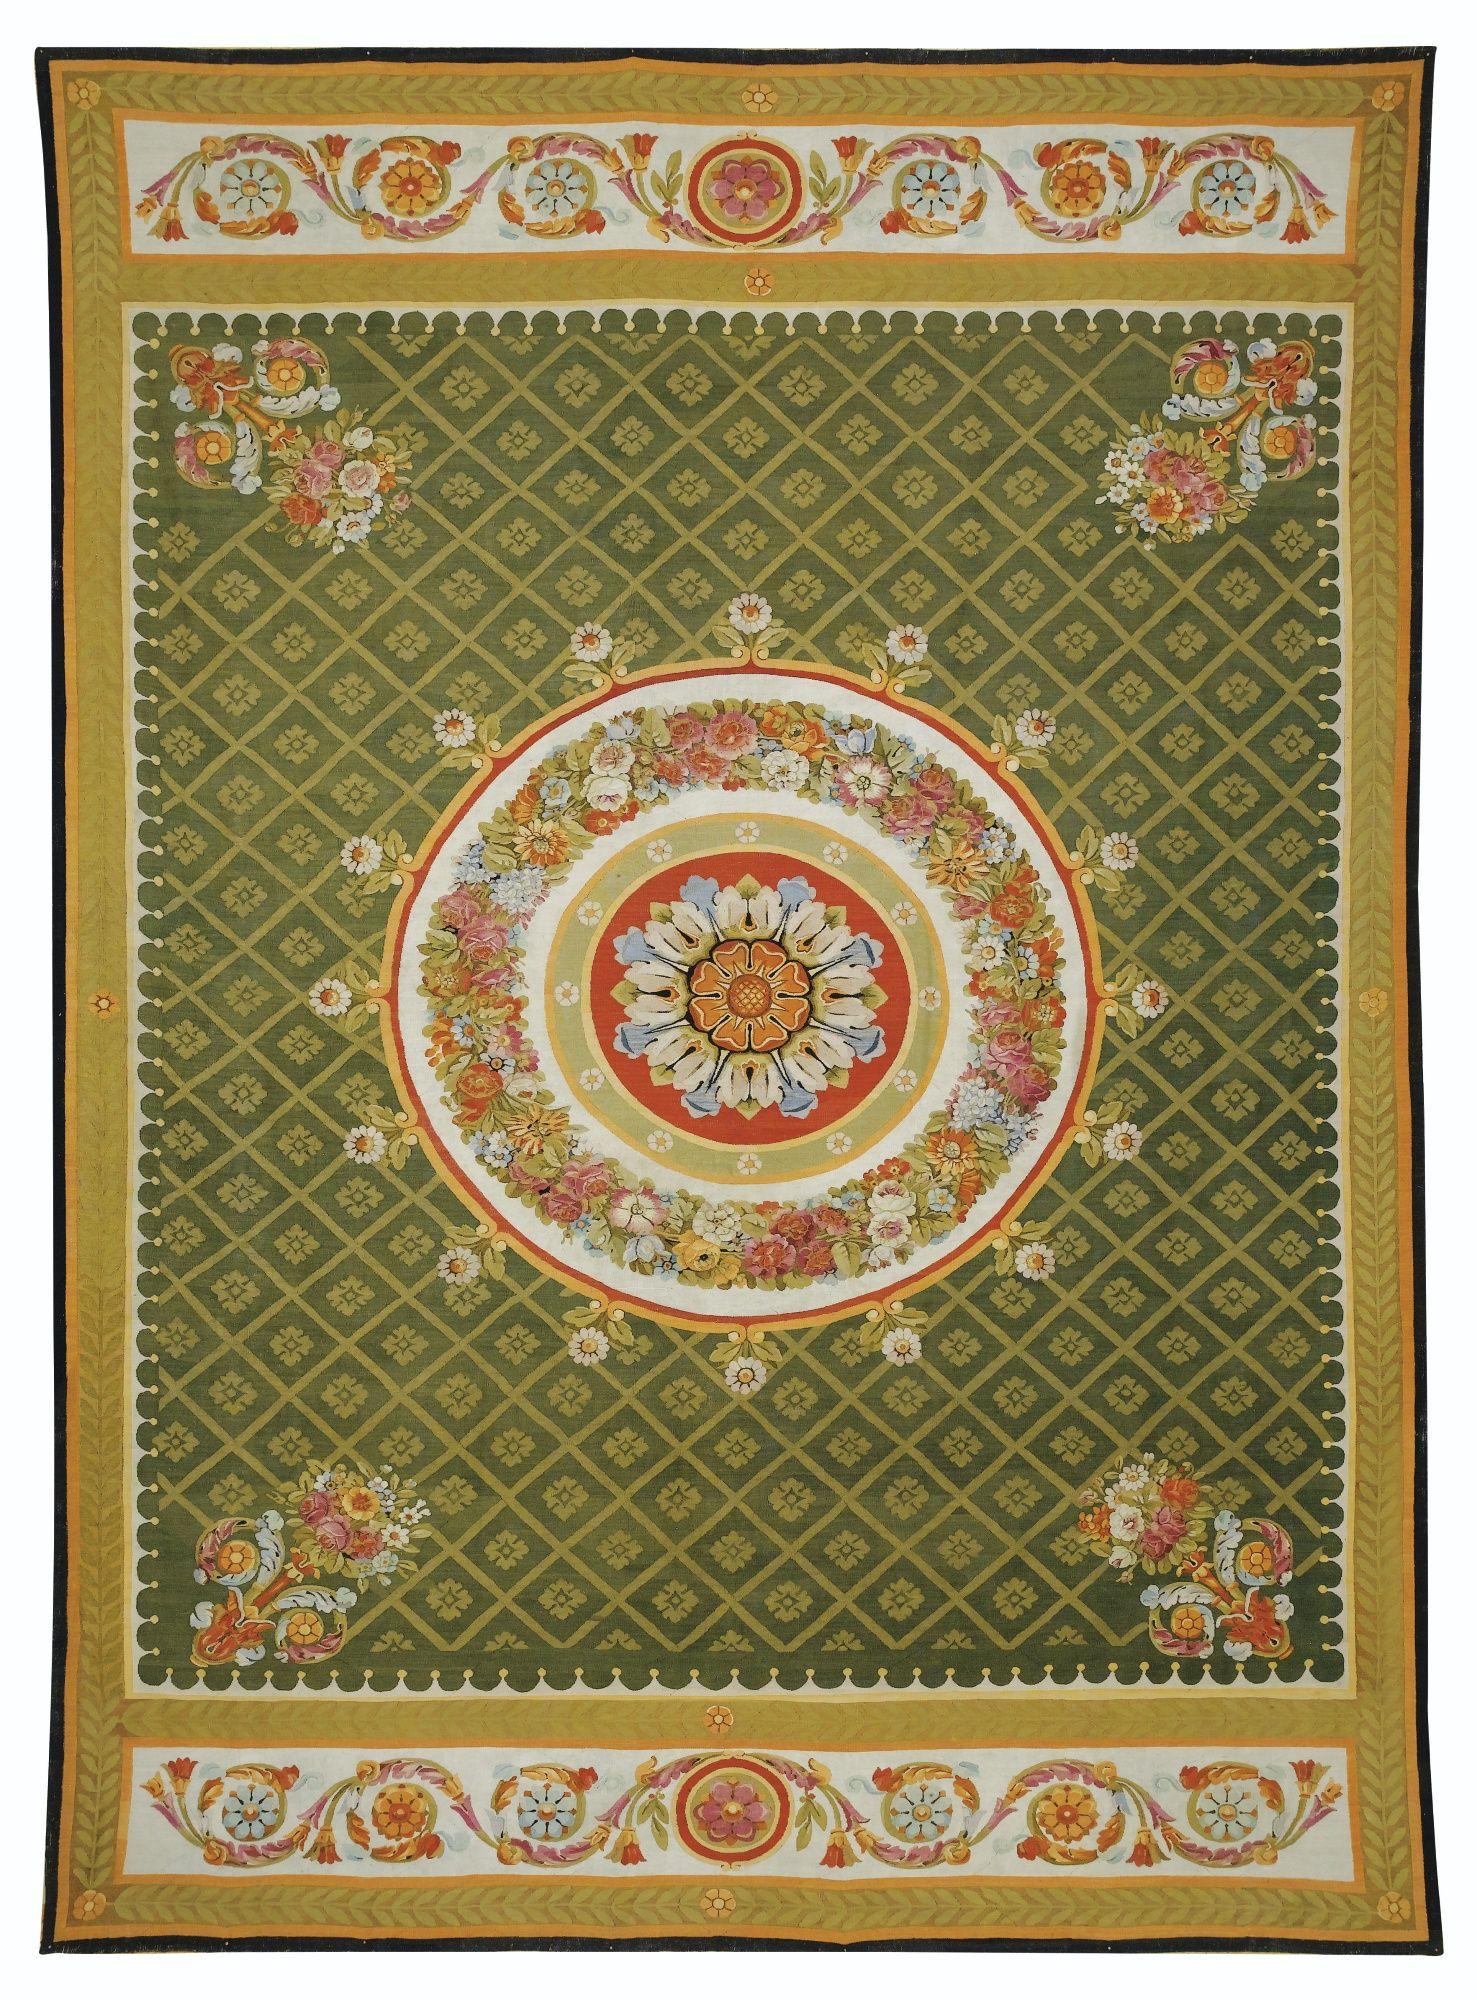 An Aubusson Carpet Restauration Tapis Tapisserie Guirlande De Fleurs